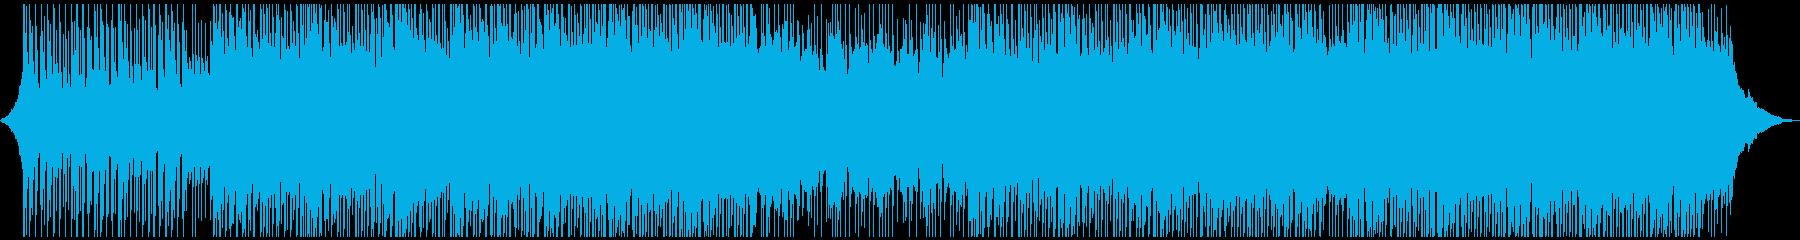 感情的でやる気のある企業音楽の再生済みの波形